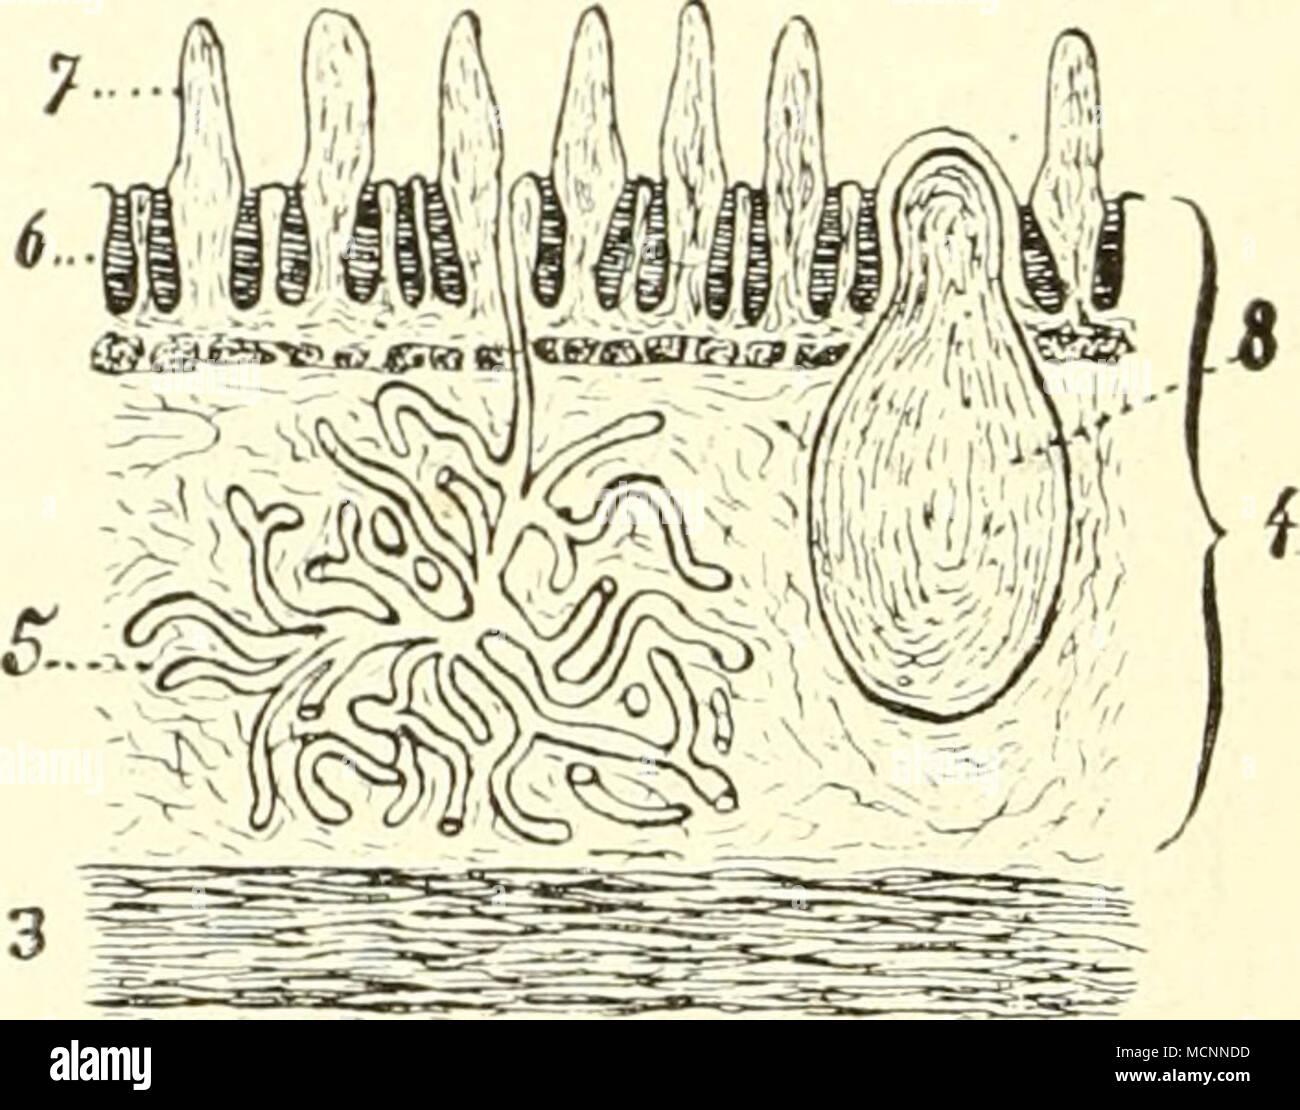 Großzügig Anatomie Der Pfortader Ideen - Menschliche Anatomie Bilder ...